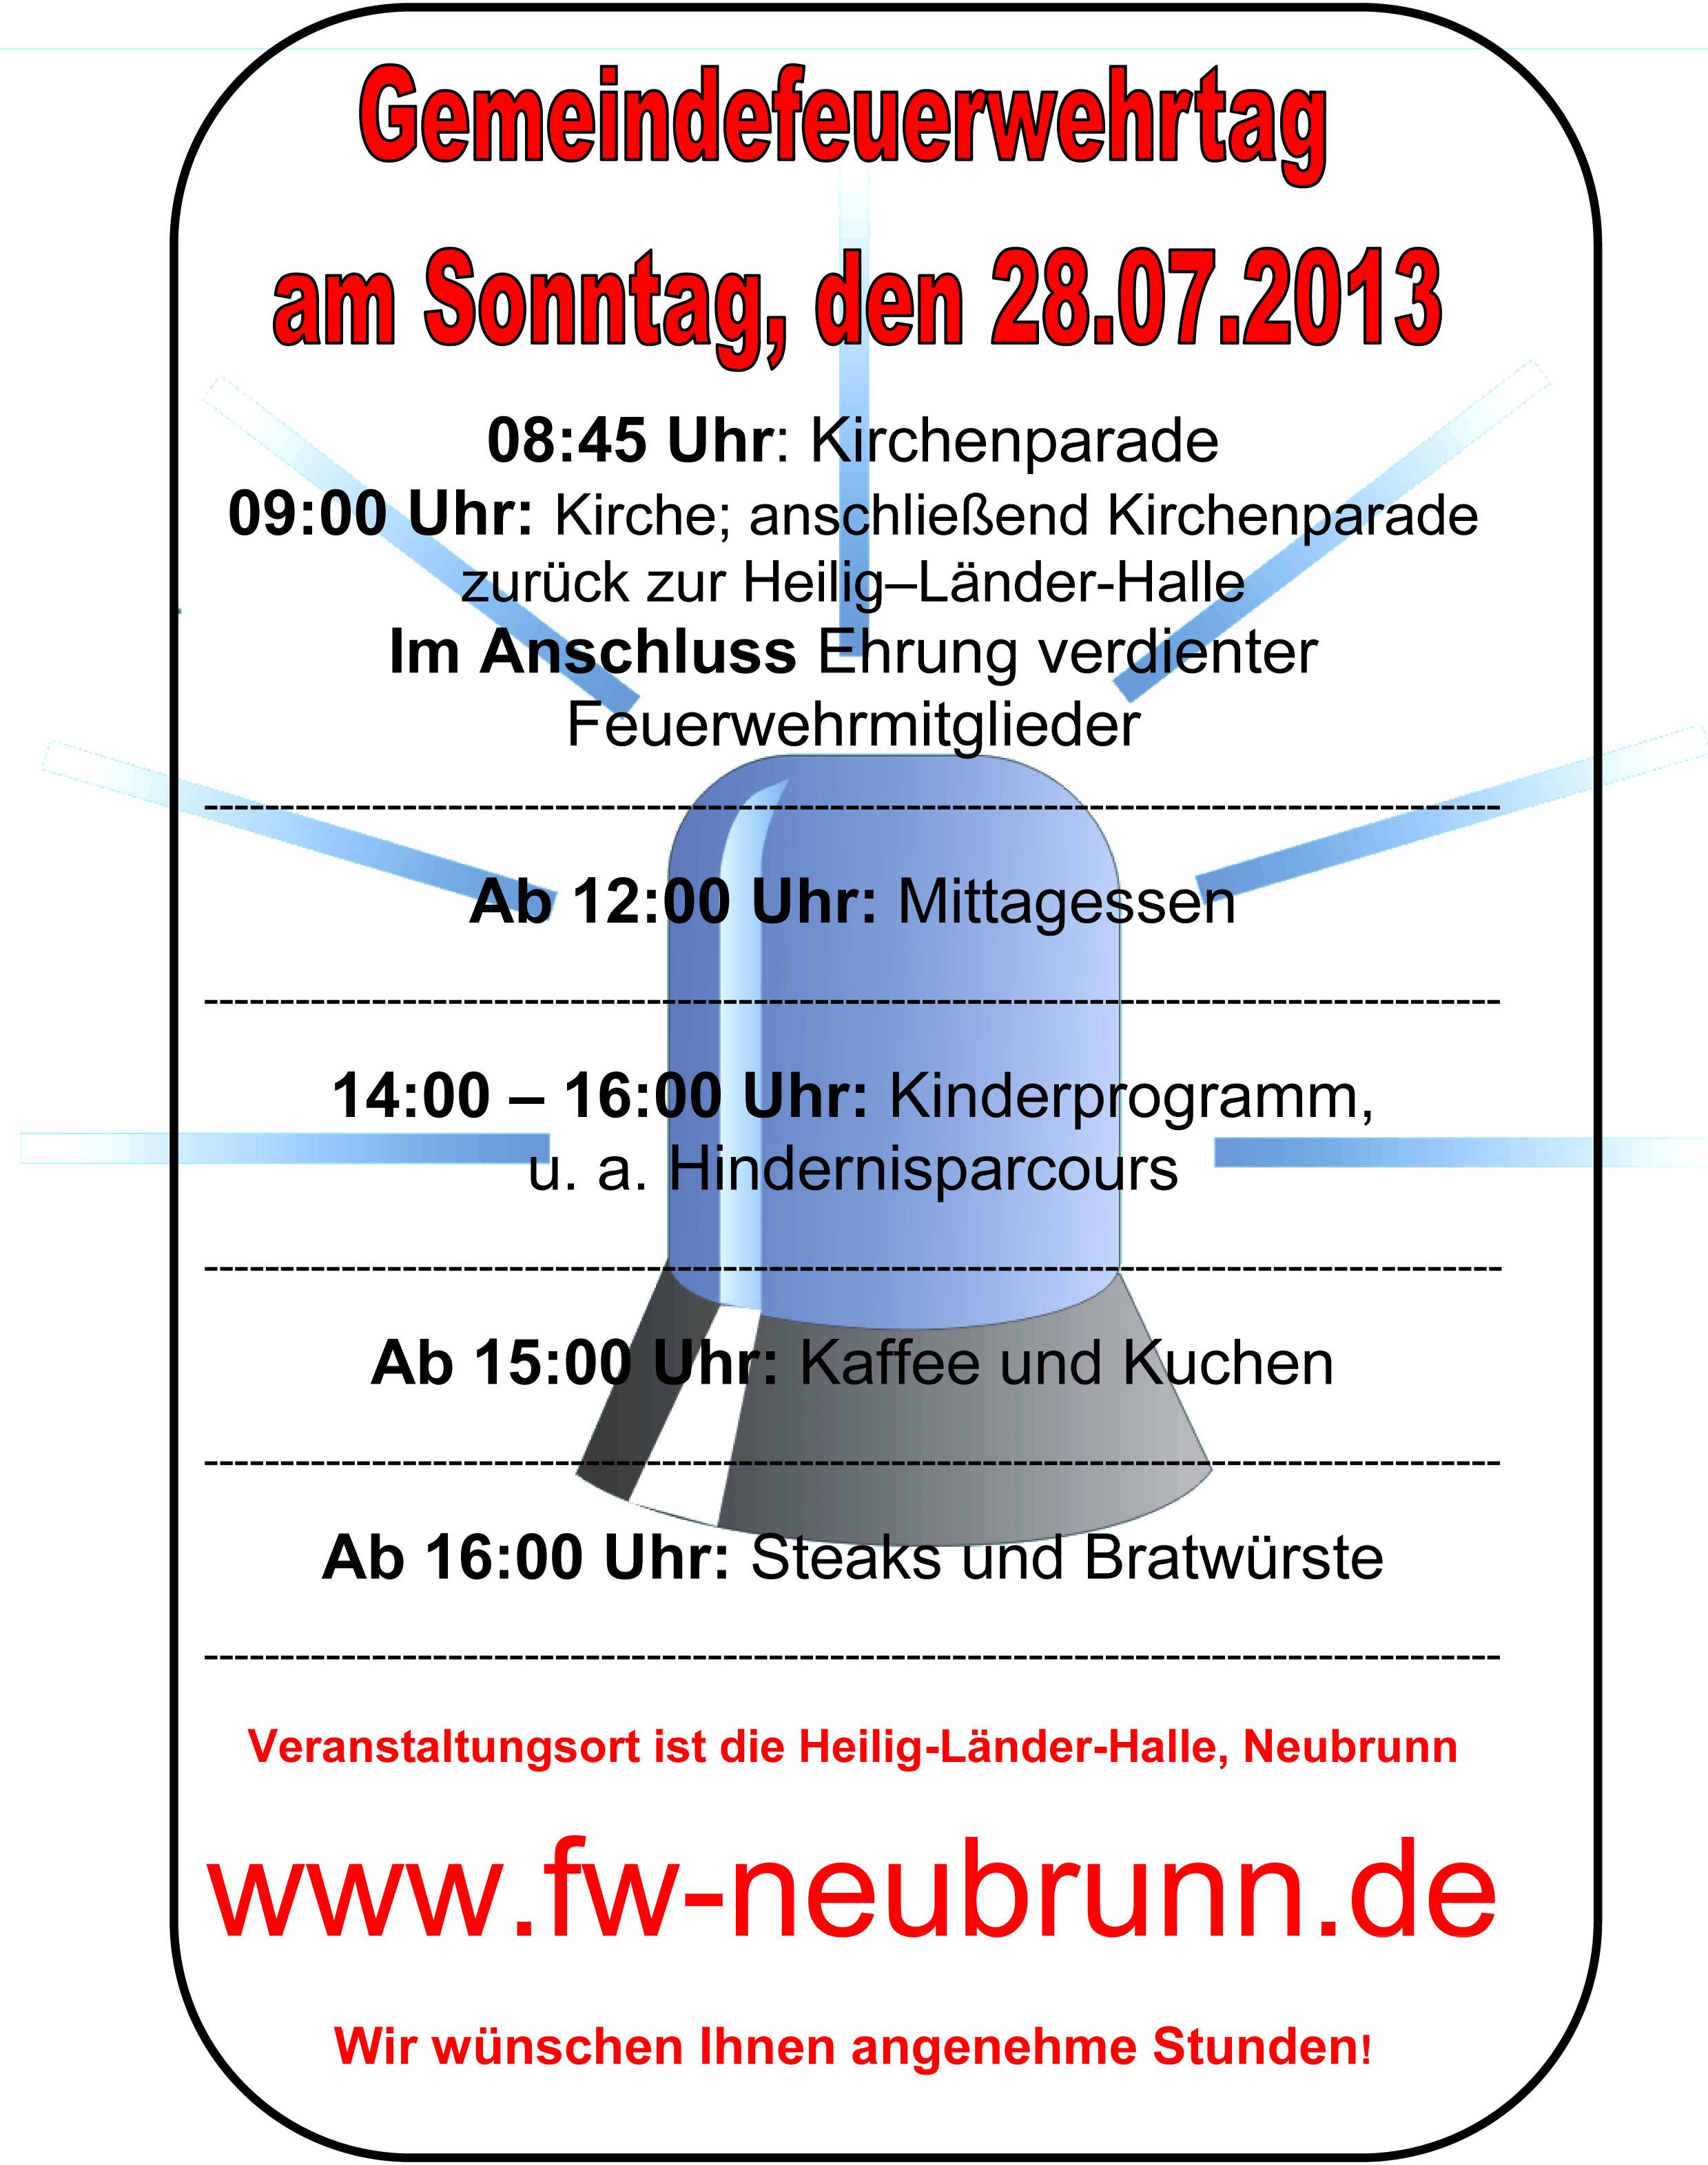 Gemeindefeuerwehrtag Plakat 2013